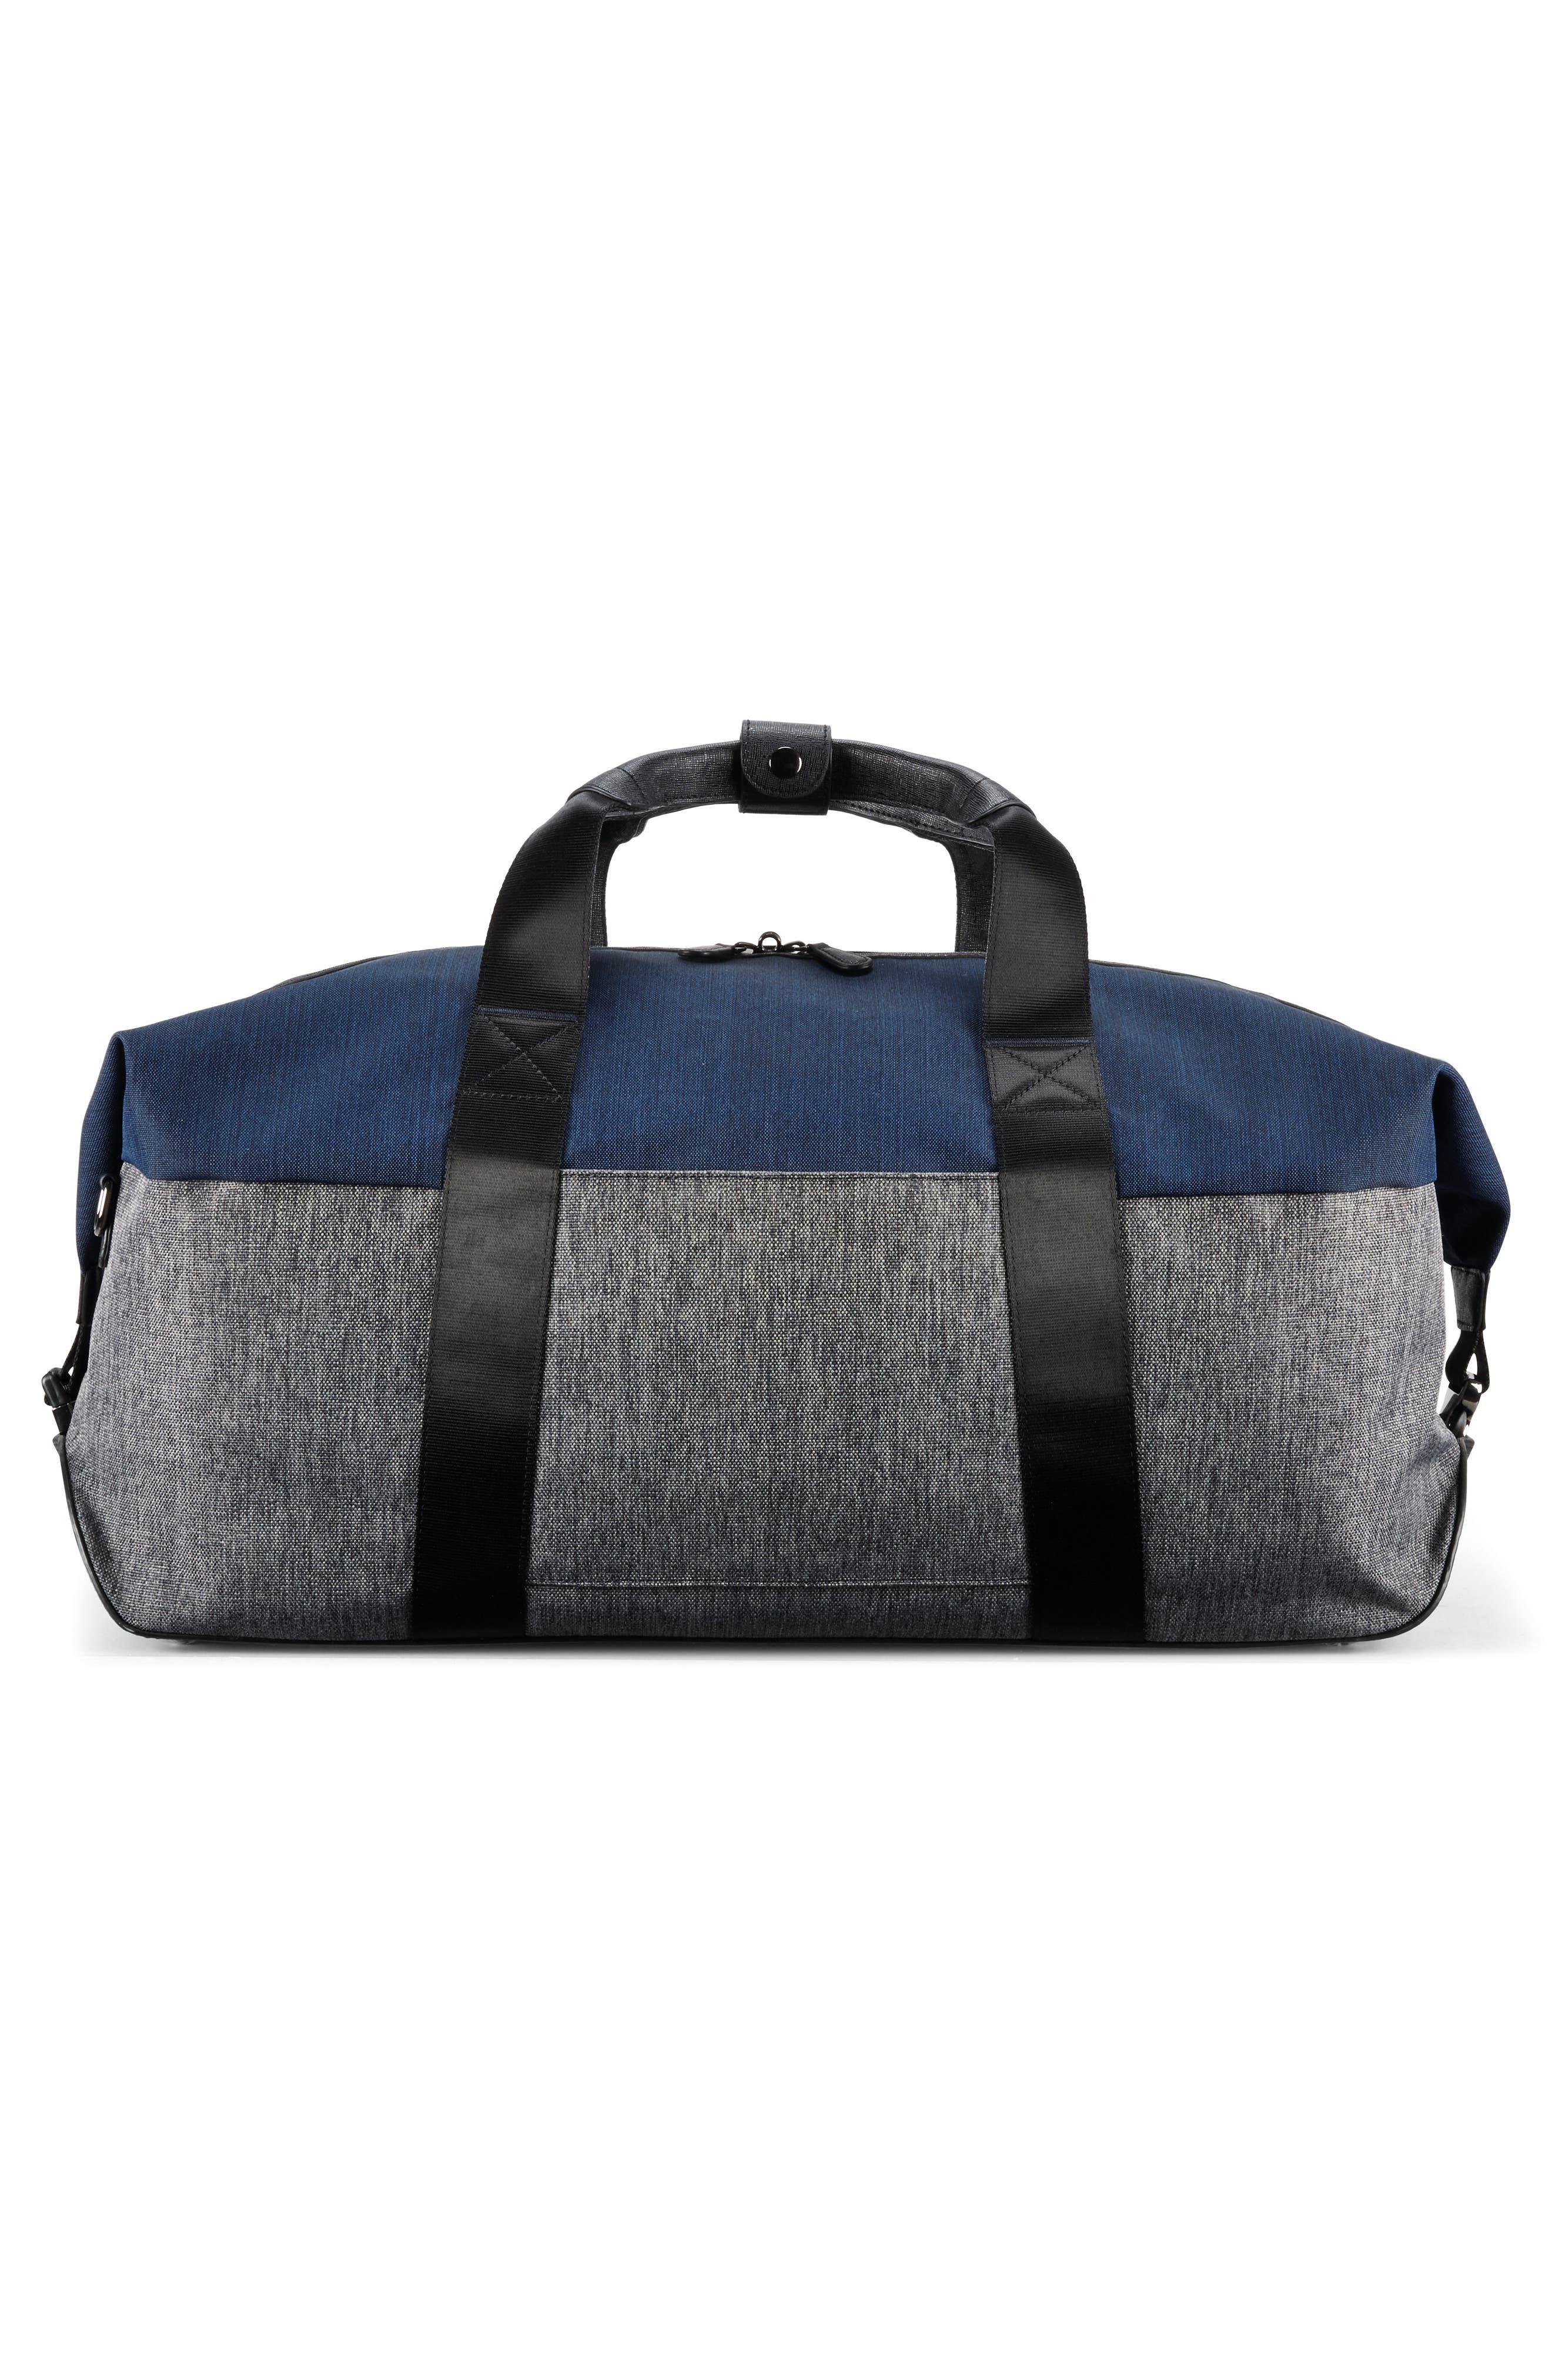 Medium Brunswick Water Resistant Duffel Bag,                             Alternate thumbnail 3, color,                             020